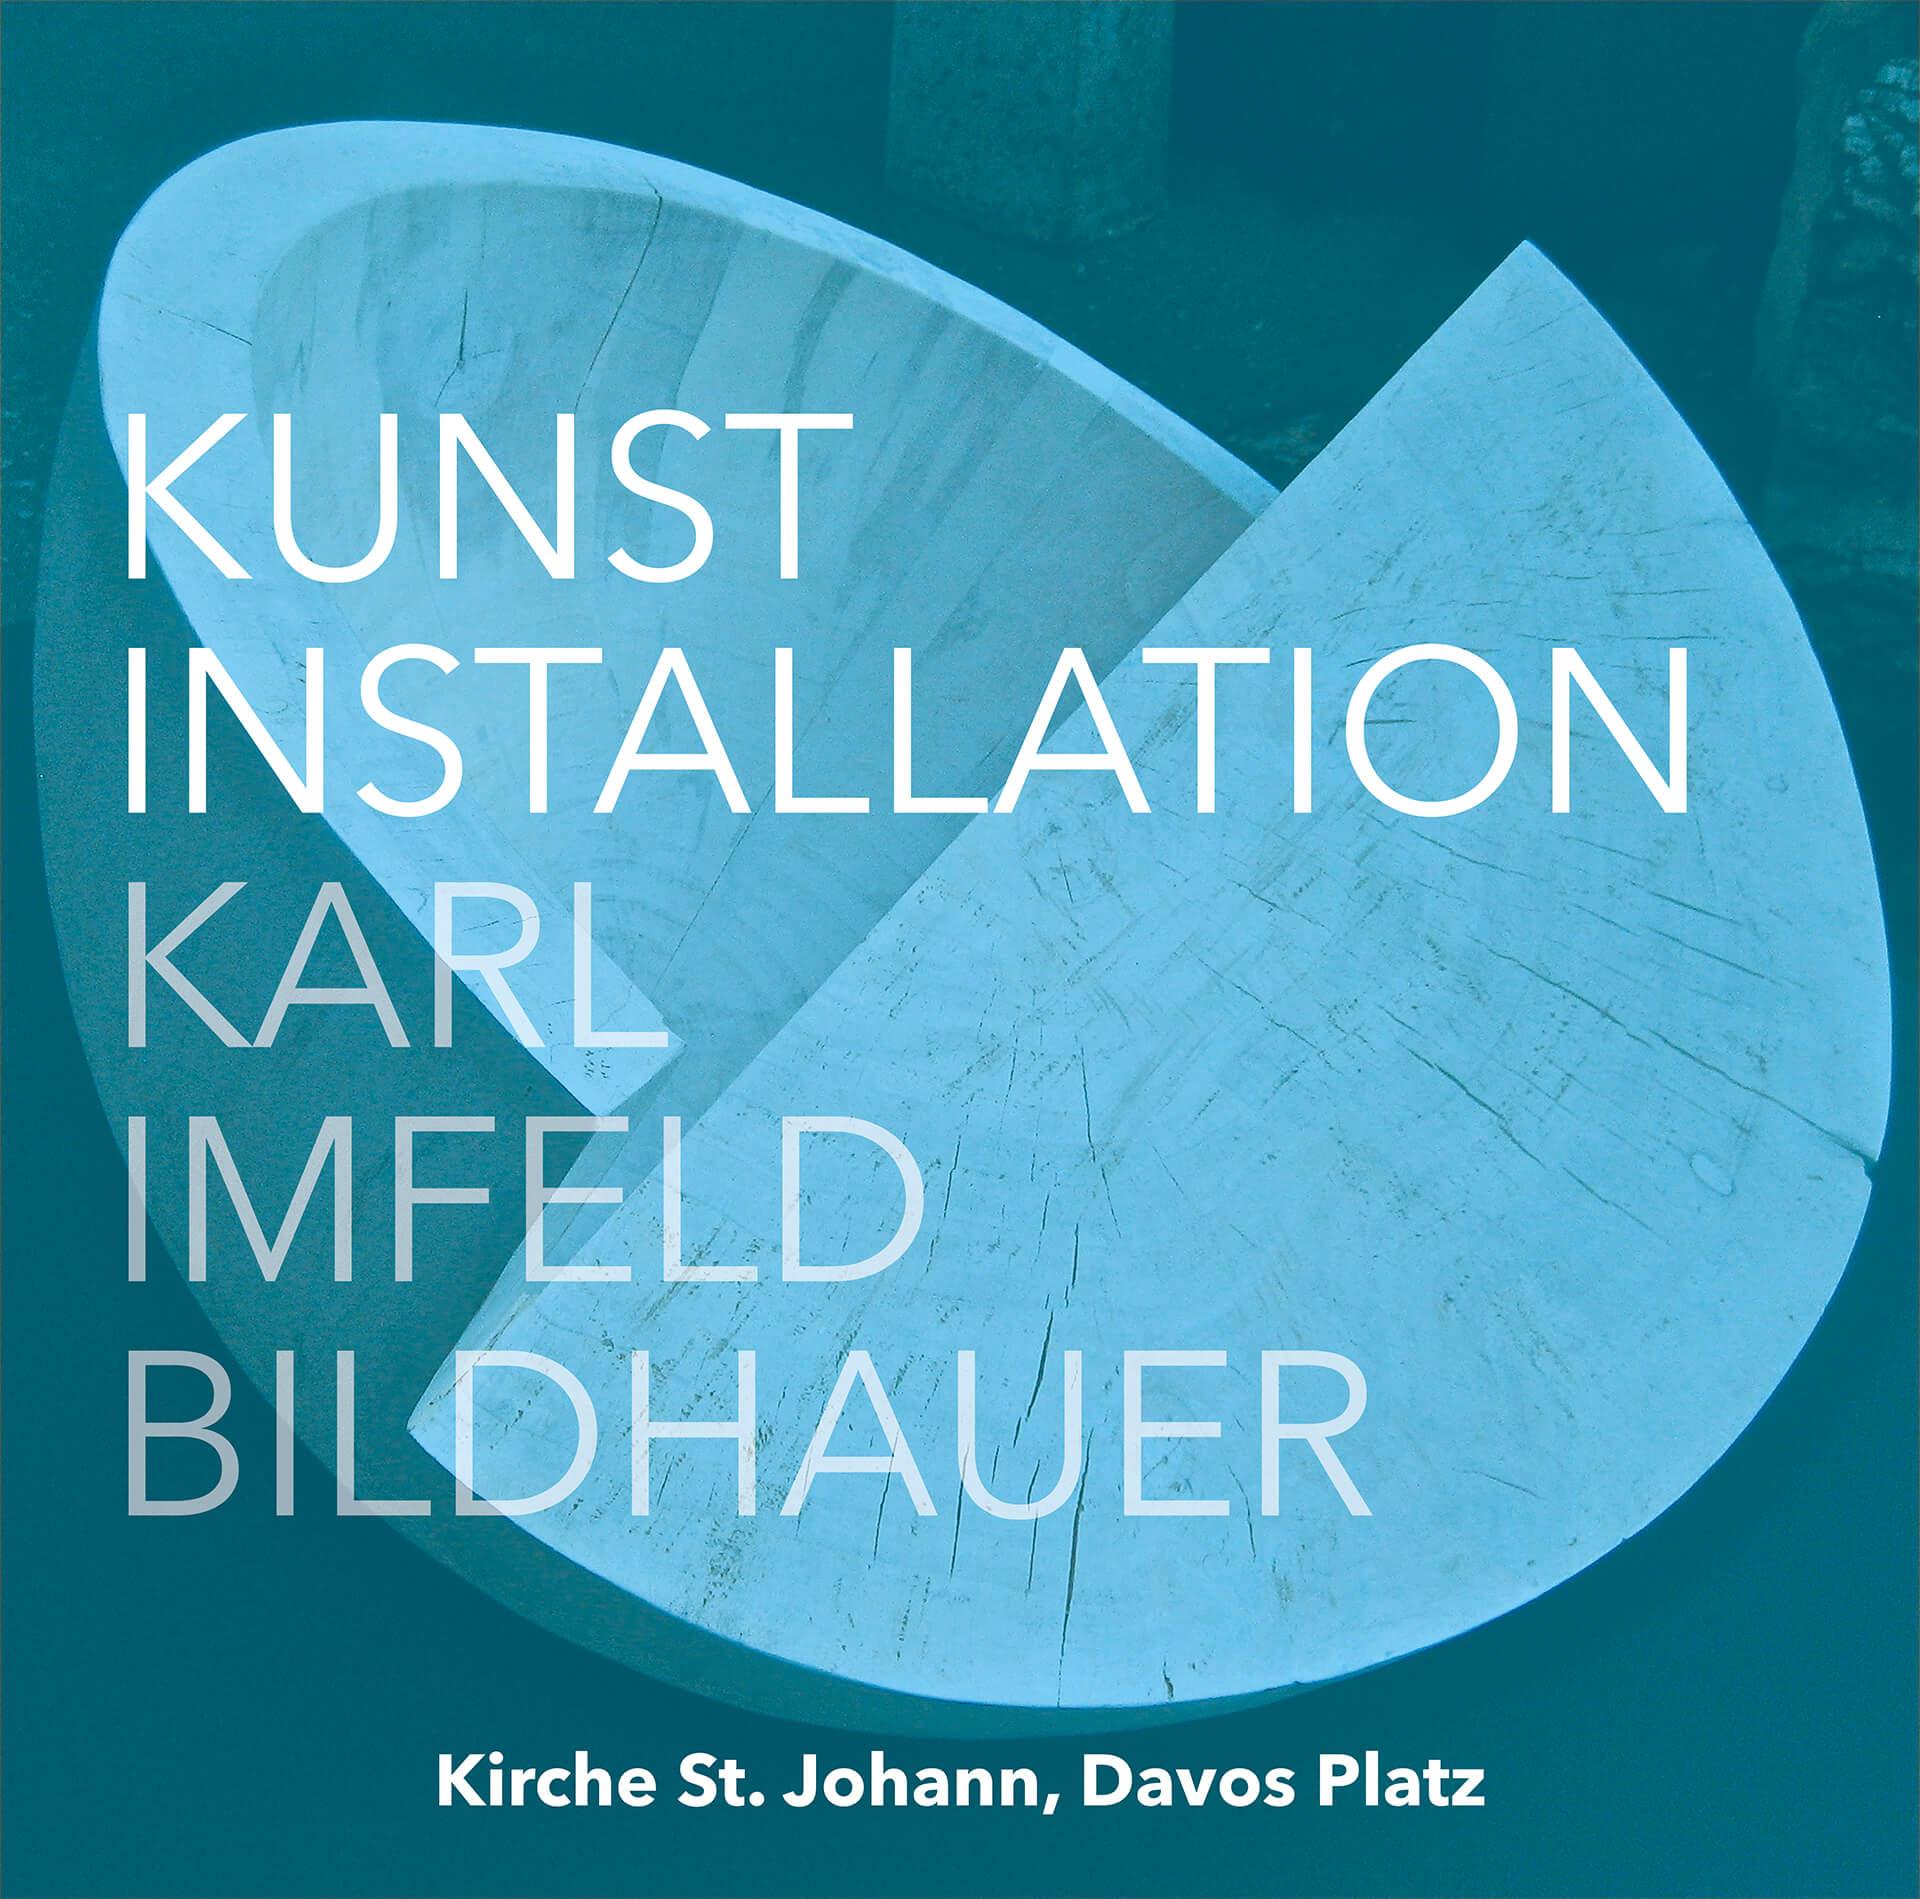 Banner zu den Kunstinstallationen des Bildhauers Karl Imfeld in der Kirche St. Johannes, Davos Platz